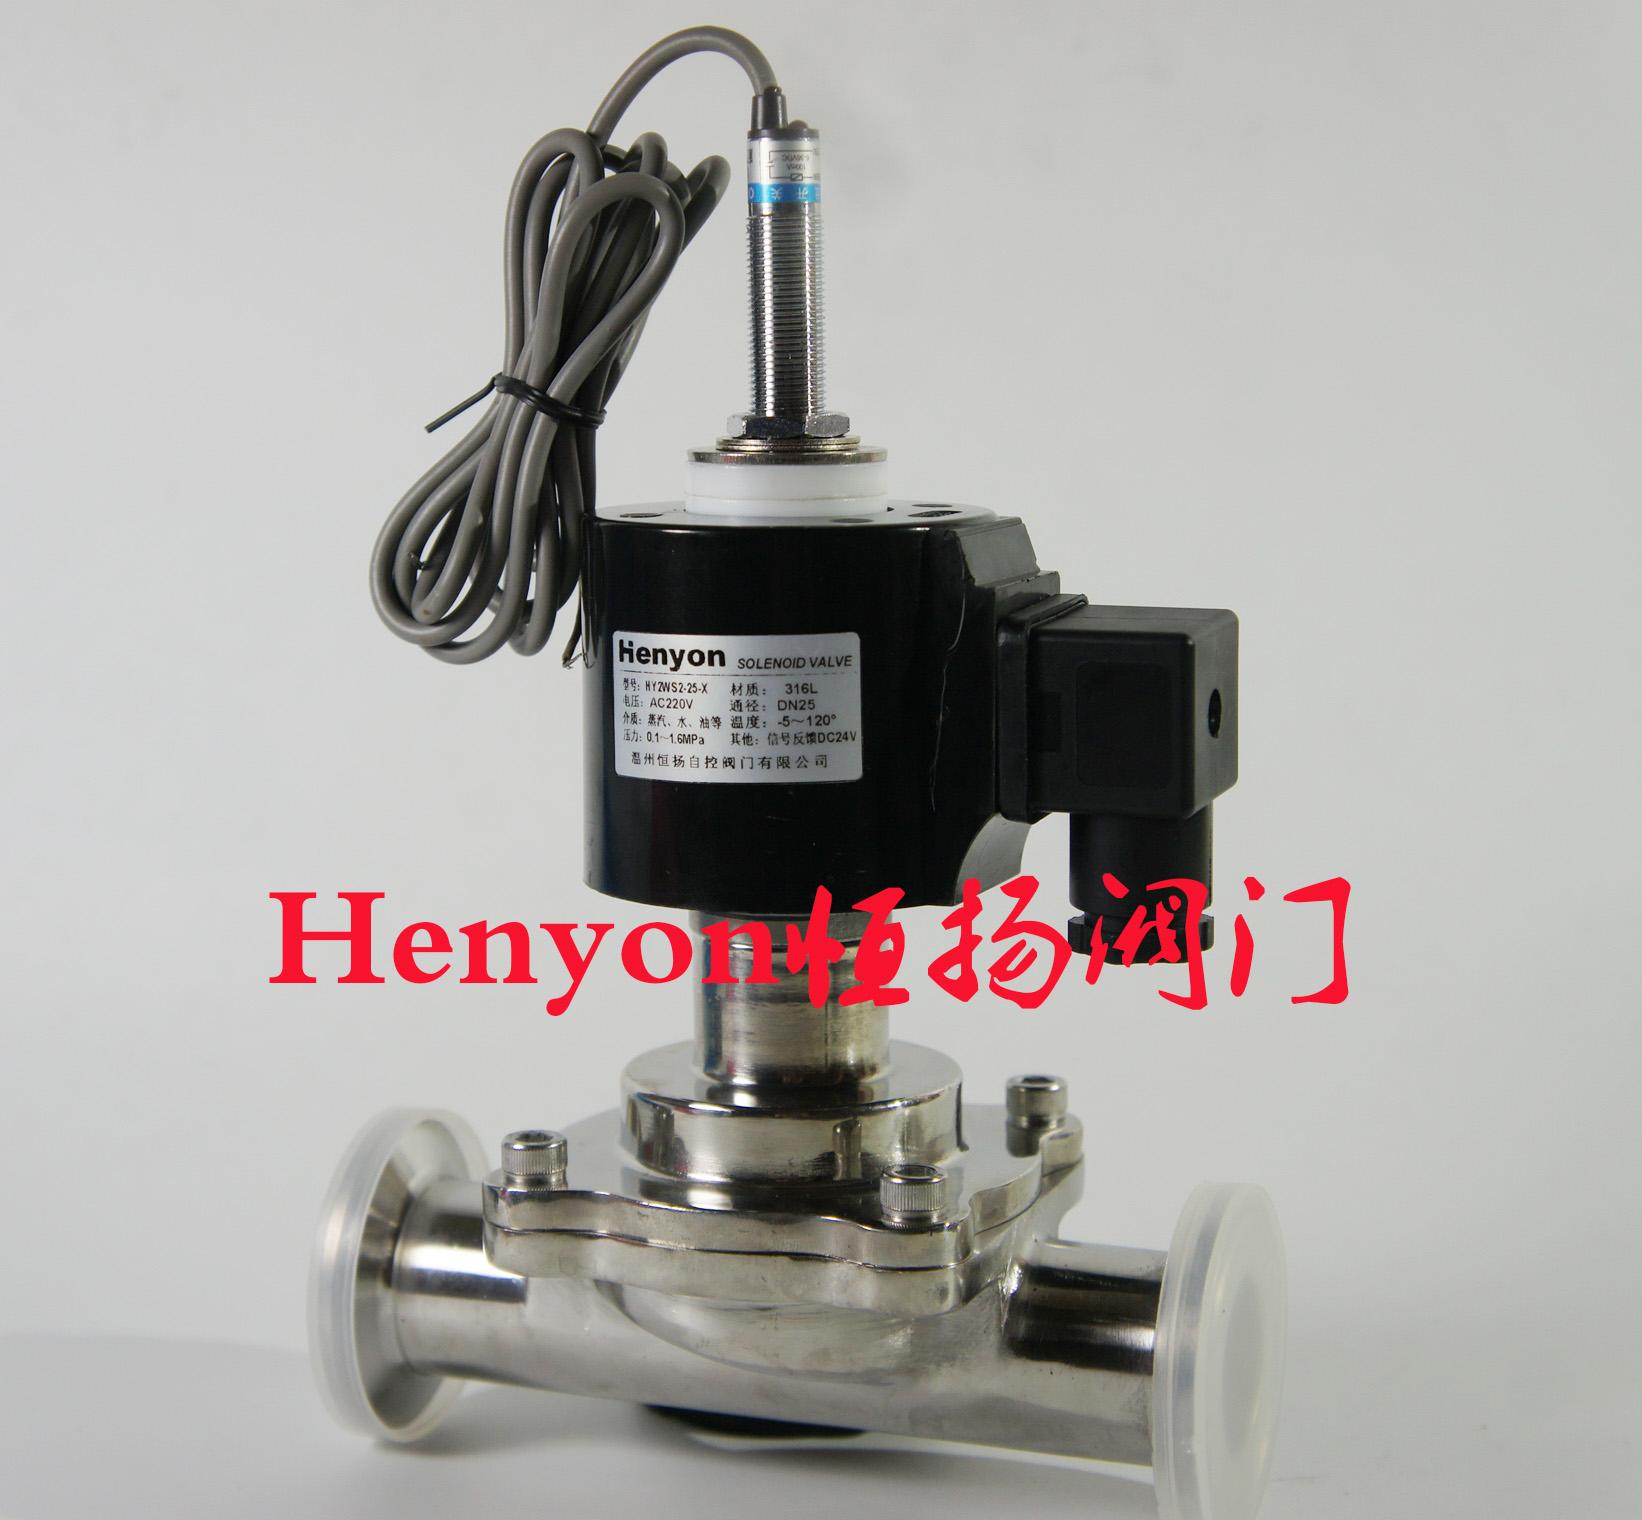 卫生级电磁阀HY2WS2-25-X 带信号反馈电磁阀 卡箍电磁阀